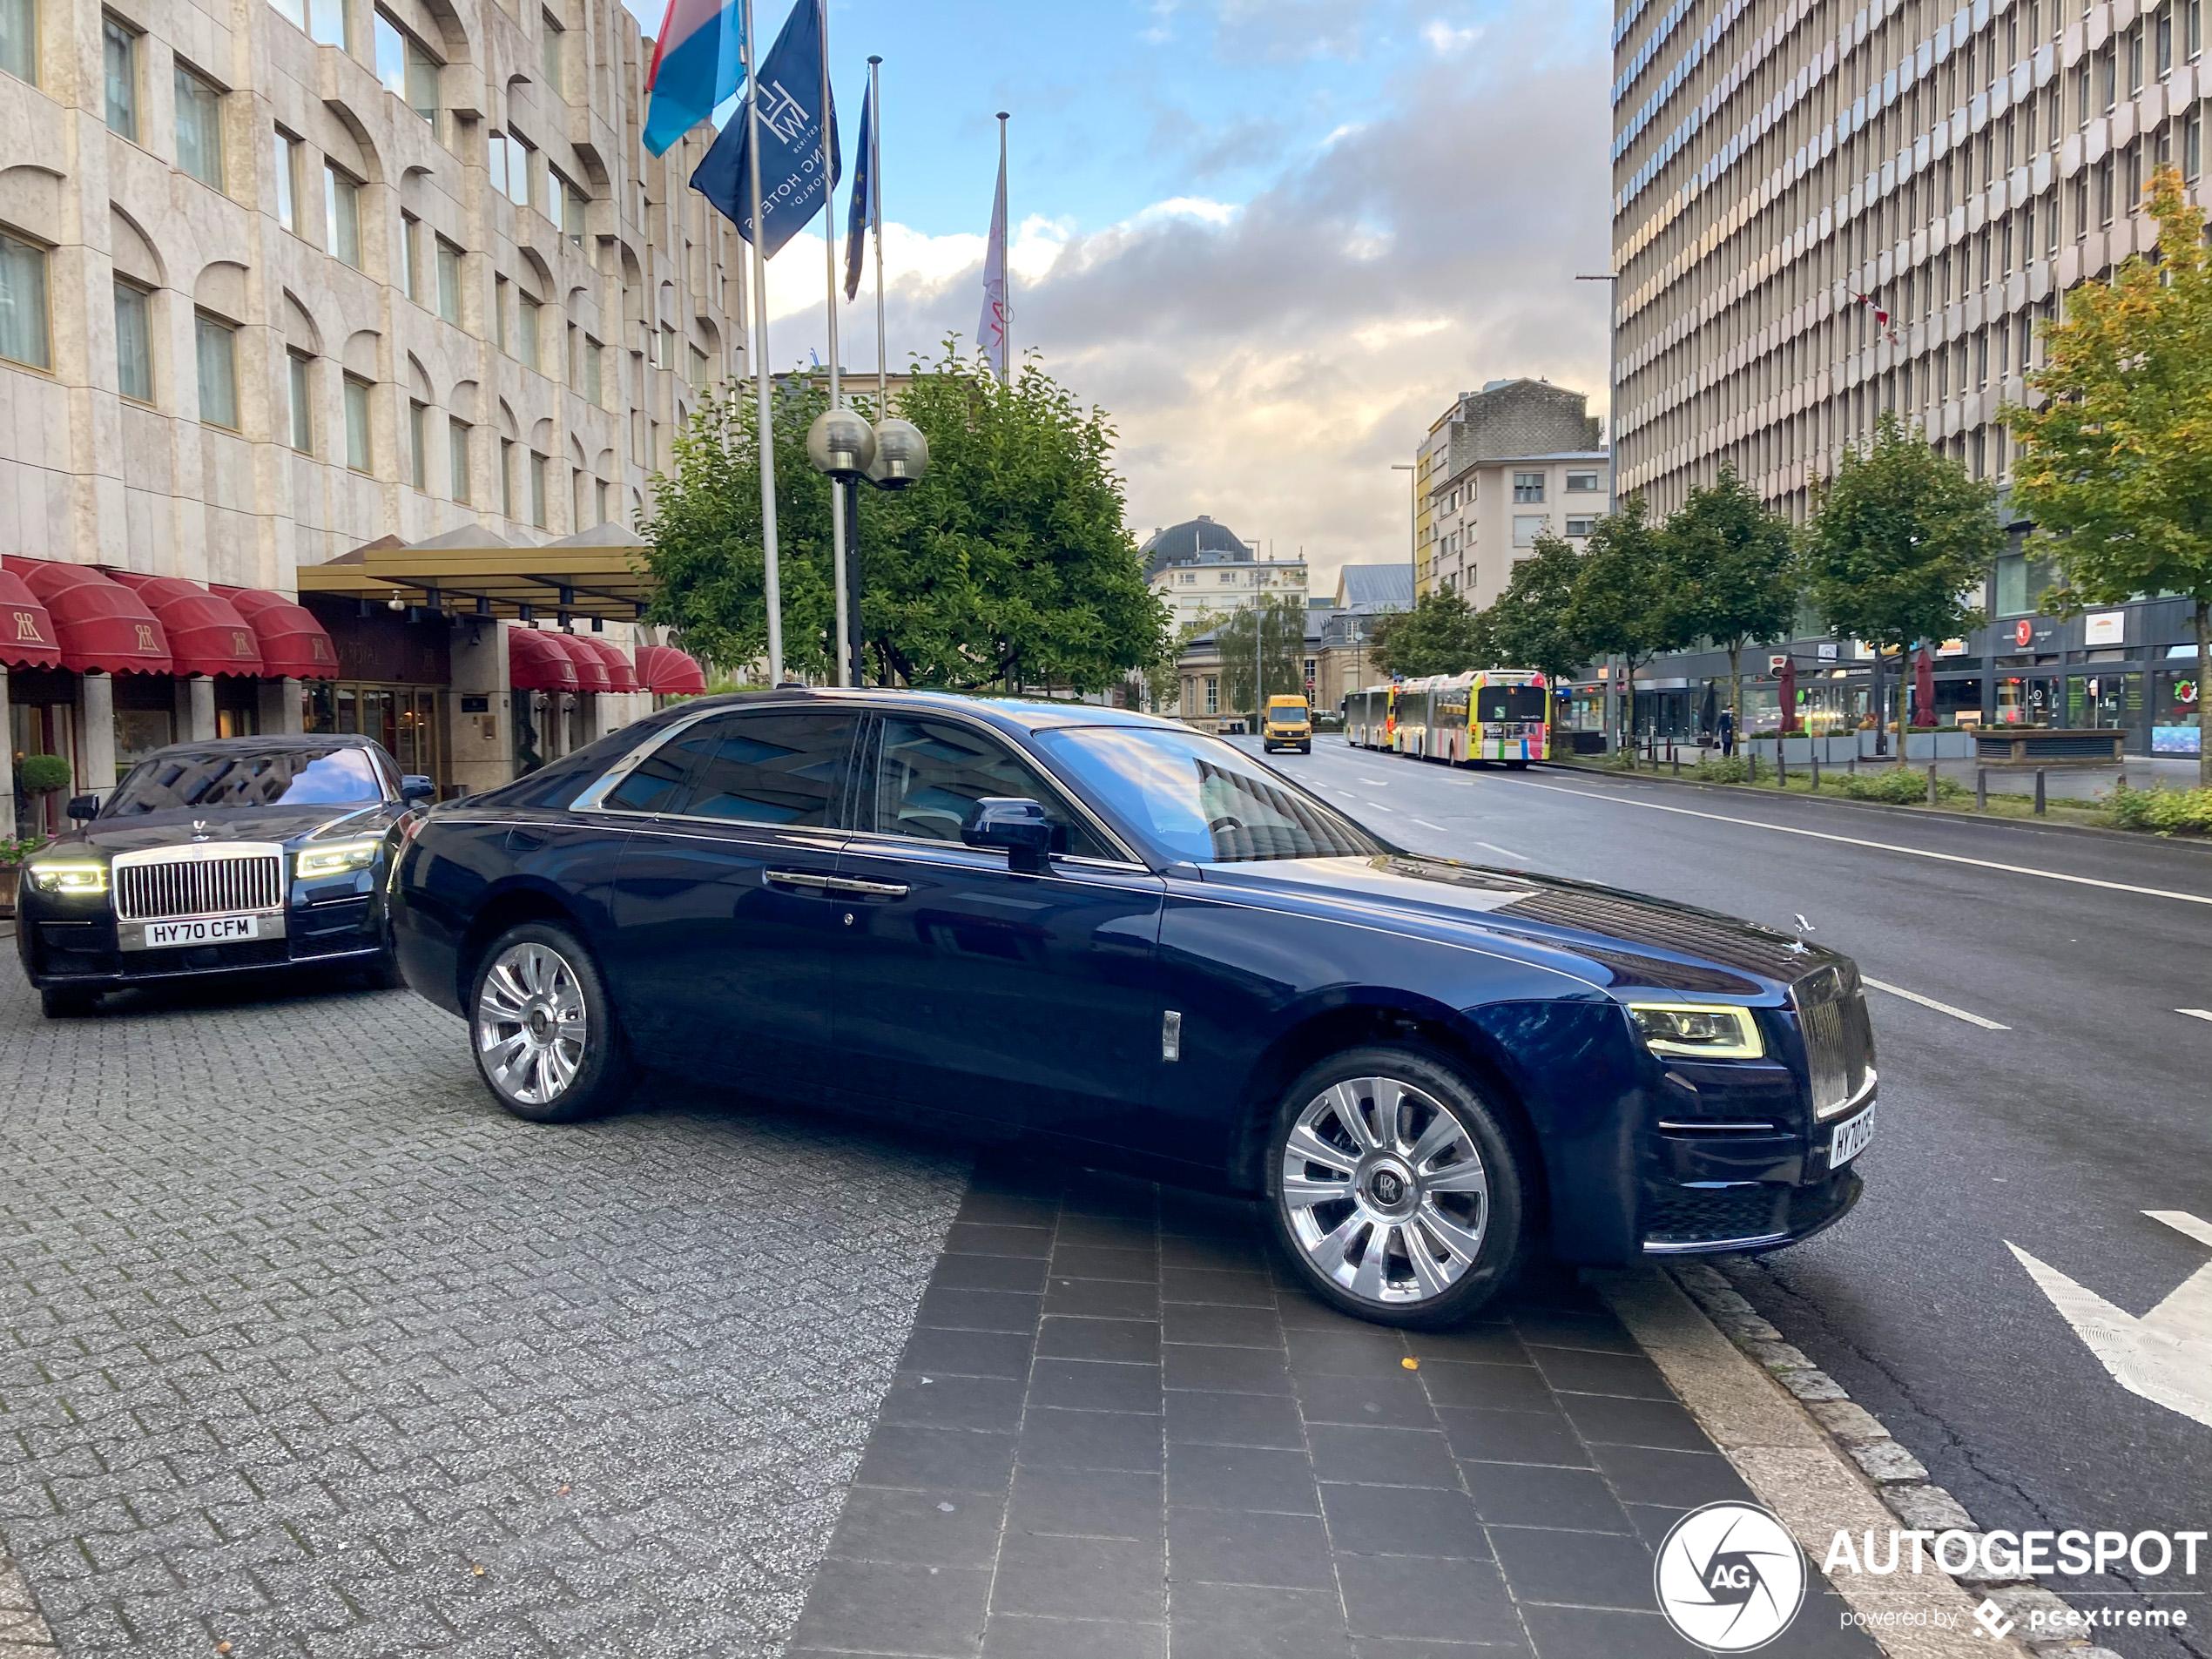 Daar is hij dan: nieuwe Rolls-Royce Ghost gespot op straat